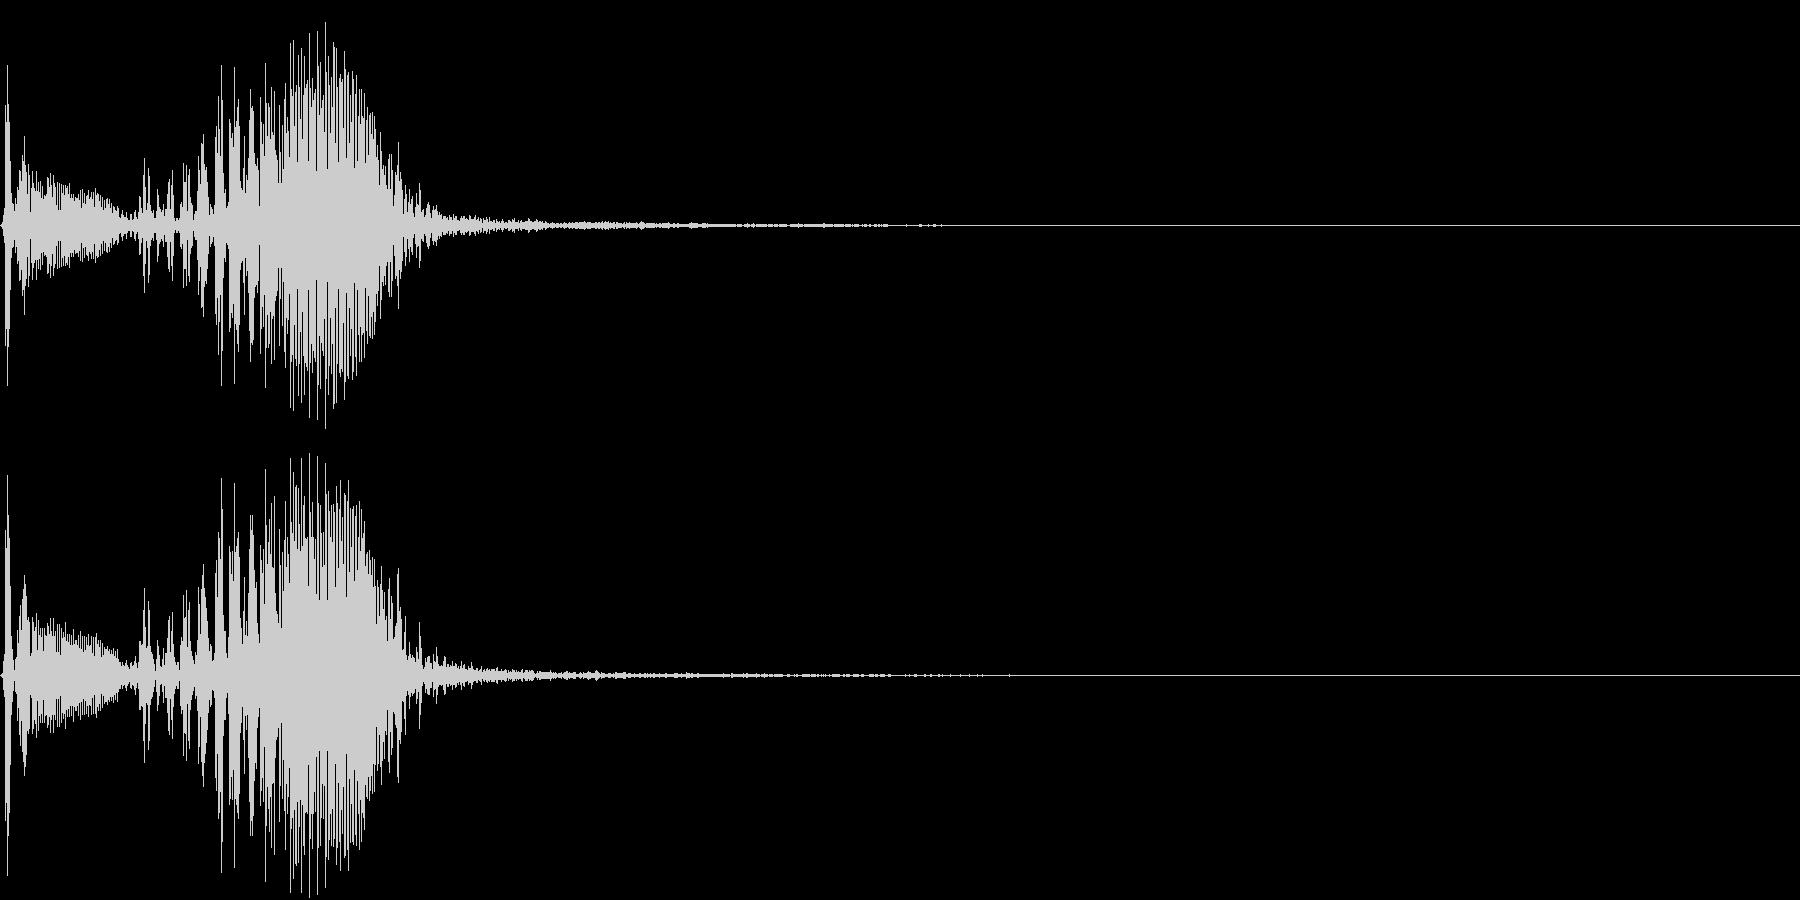 【生録音】フラミンゴの鳴き声 9の未再生の波形